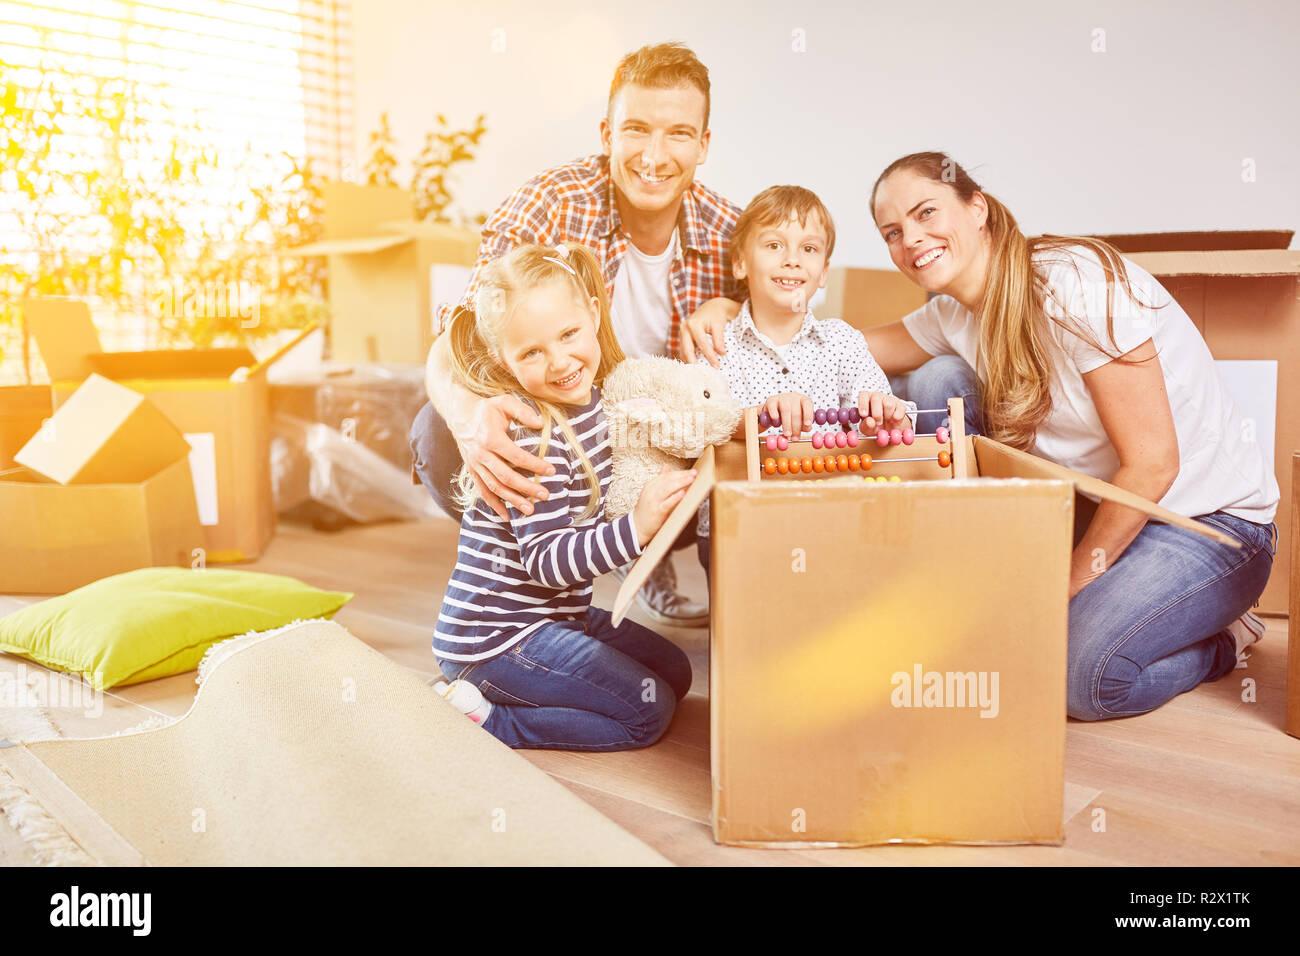 Enfants déballez le déménagement fort lors du déplacement à leur nouvelle maison Photo Stock